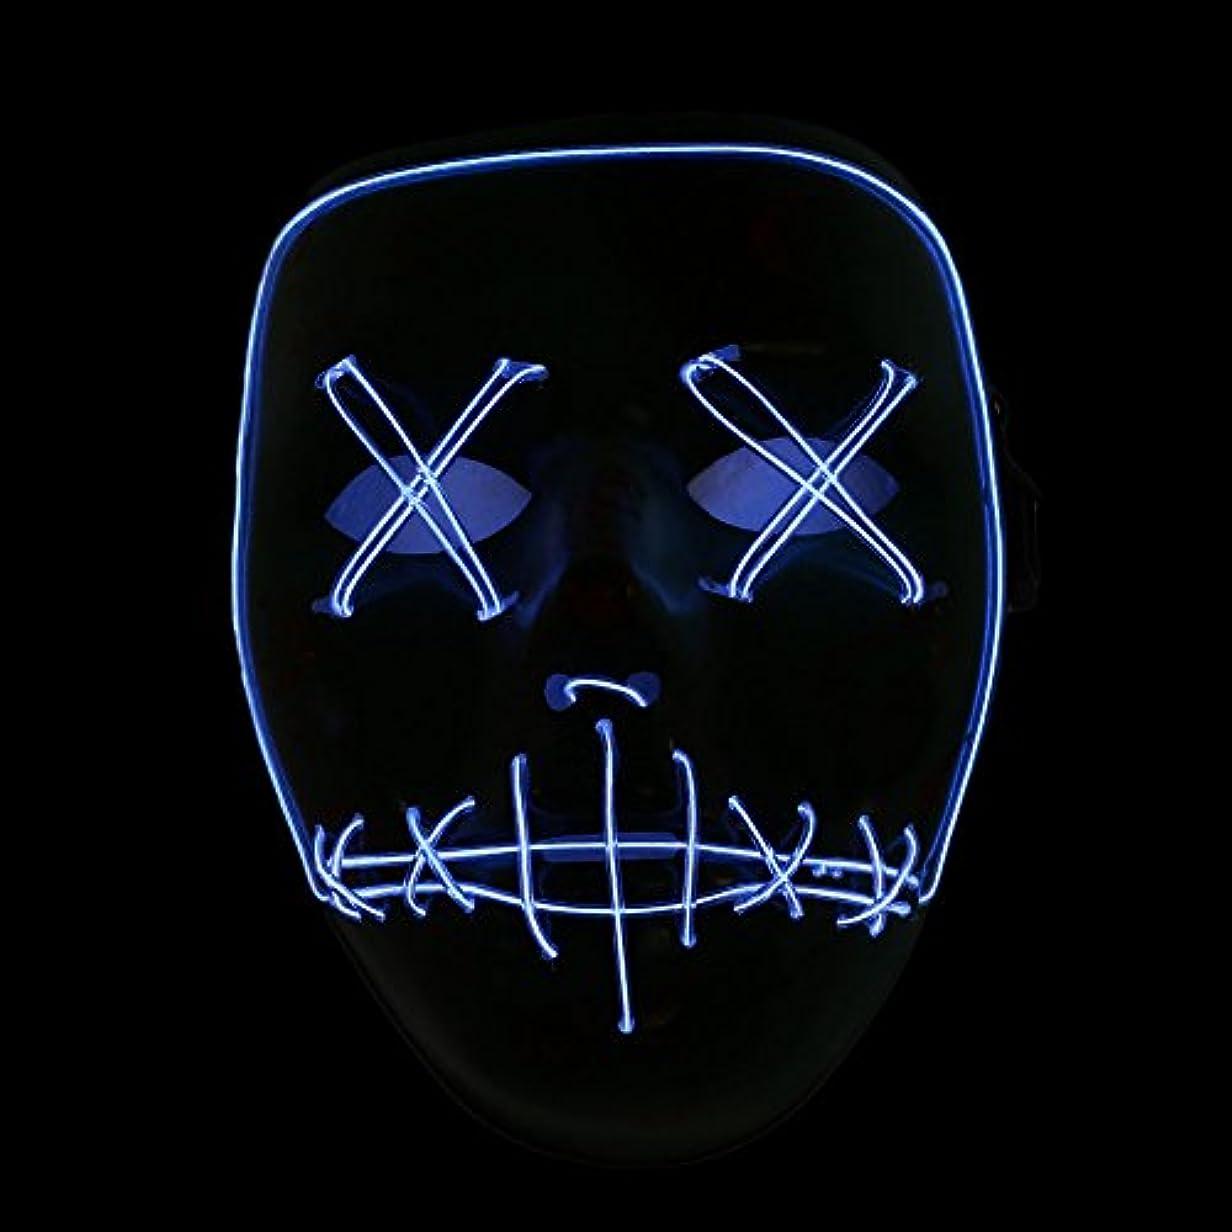 ベジタリアンペフ感度Auntwhale ハロウィーンマスク大人恐怖コスチューム、光るゴーストフェイスファンシーマスカレードパーティーハロウィンマスク、フェスティバル通気性ギフトヘッドマスク